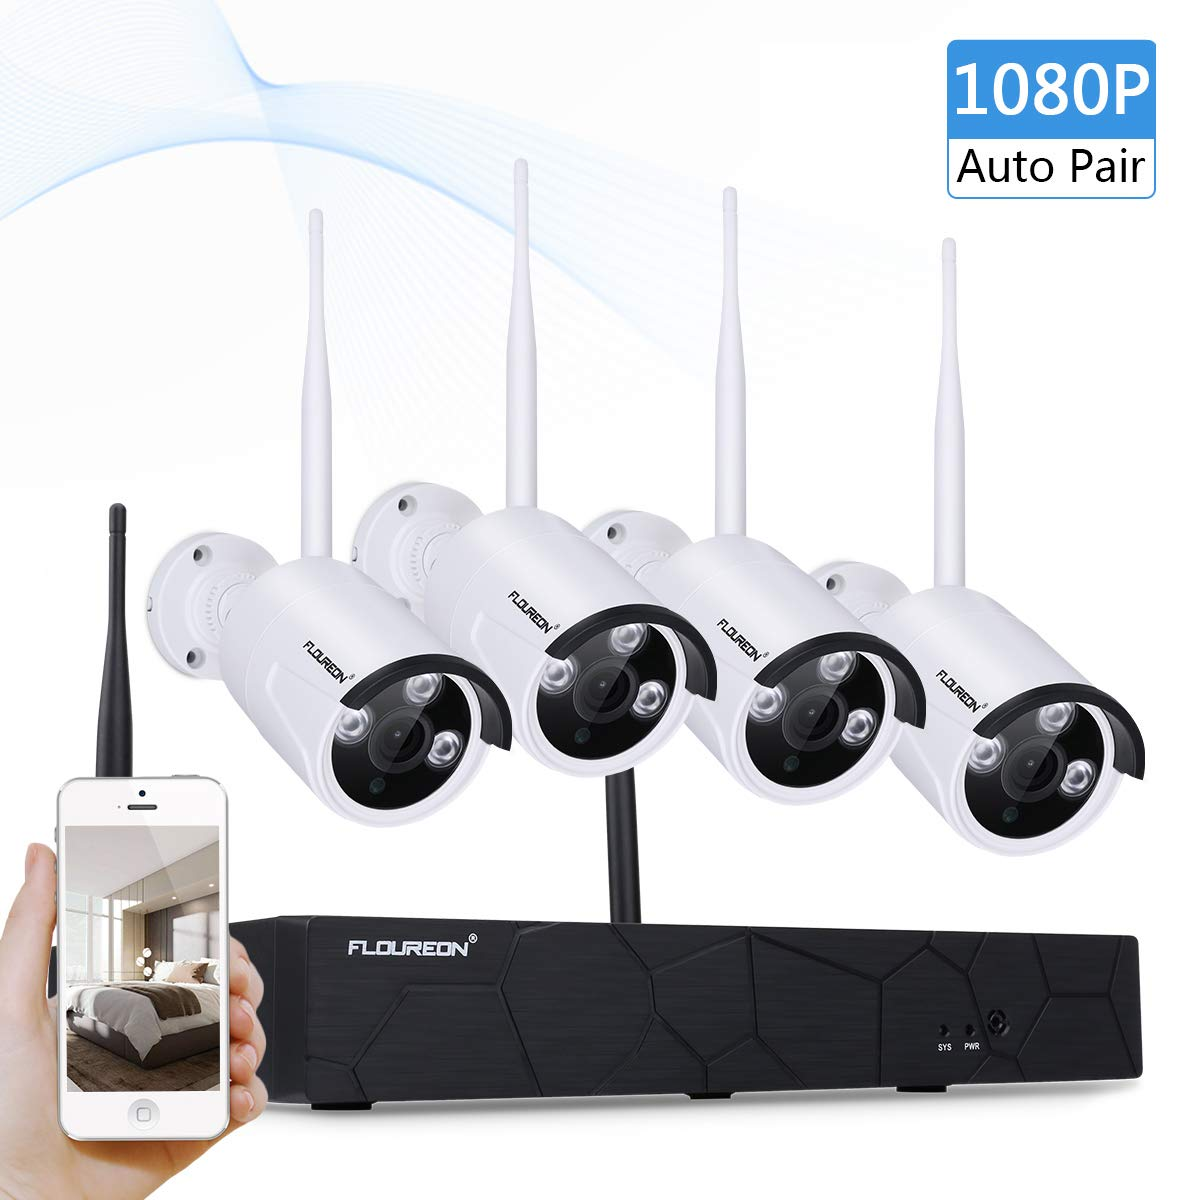 FLOUREON WiFi 1080P Ü berwachungkamera Set 4CH NVR Videorecorder P2P H.264 + 4X 720P WLAN Ü berwachungskamera Wasserdicht Sicherheitskamera Nachsicht Auß en